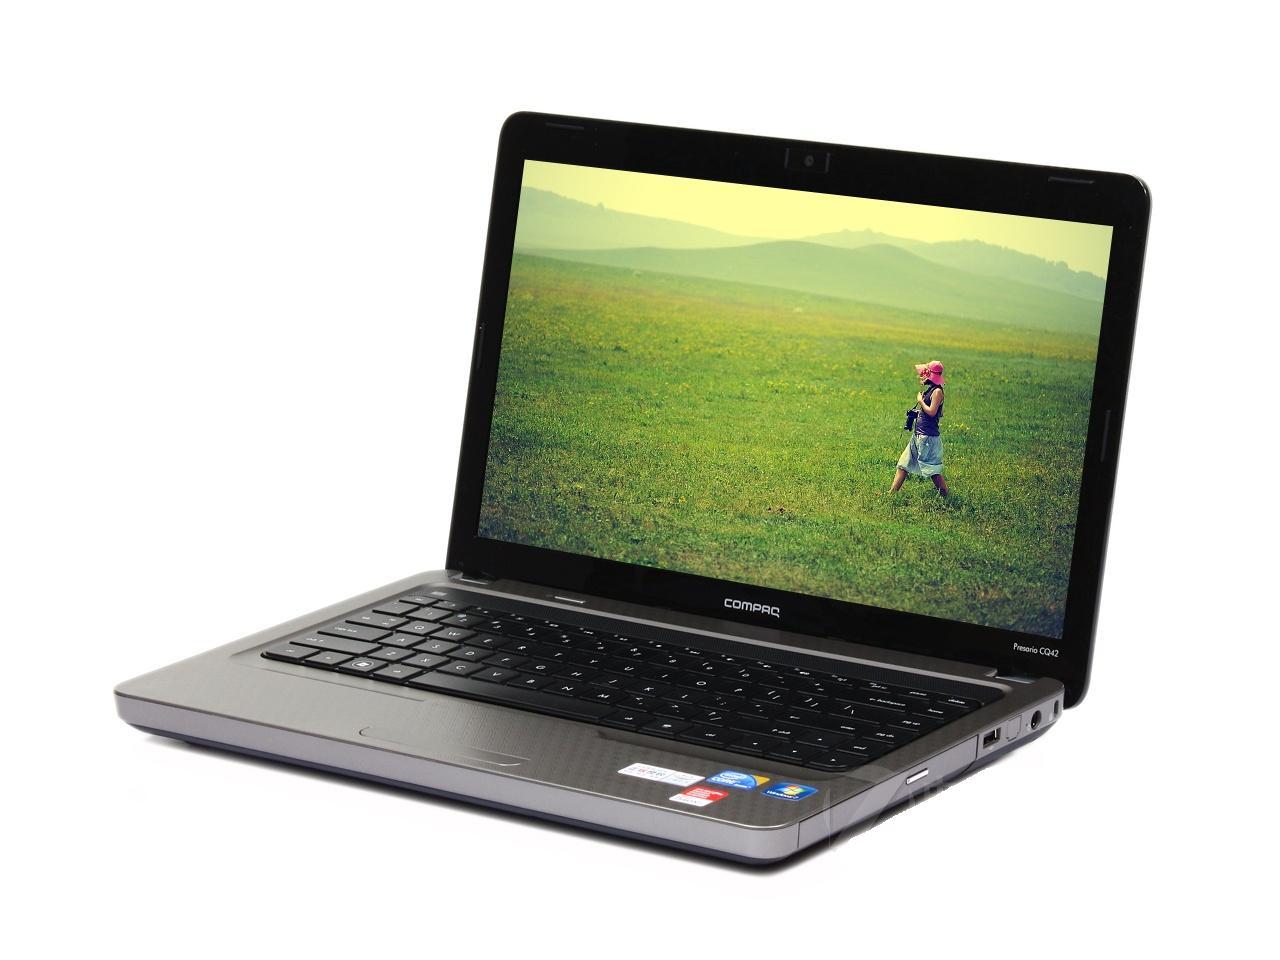 hp laptop computer, hp pavilion laptop, pavilion dv7 computer, hp pavilion dv6